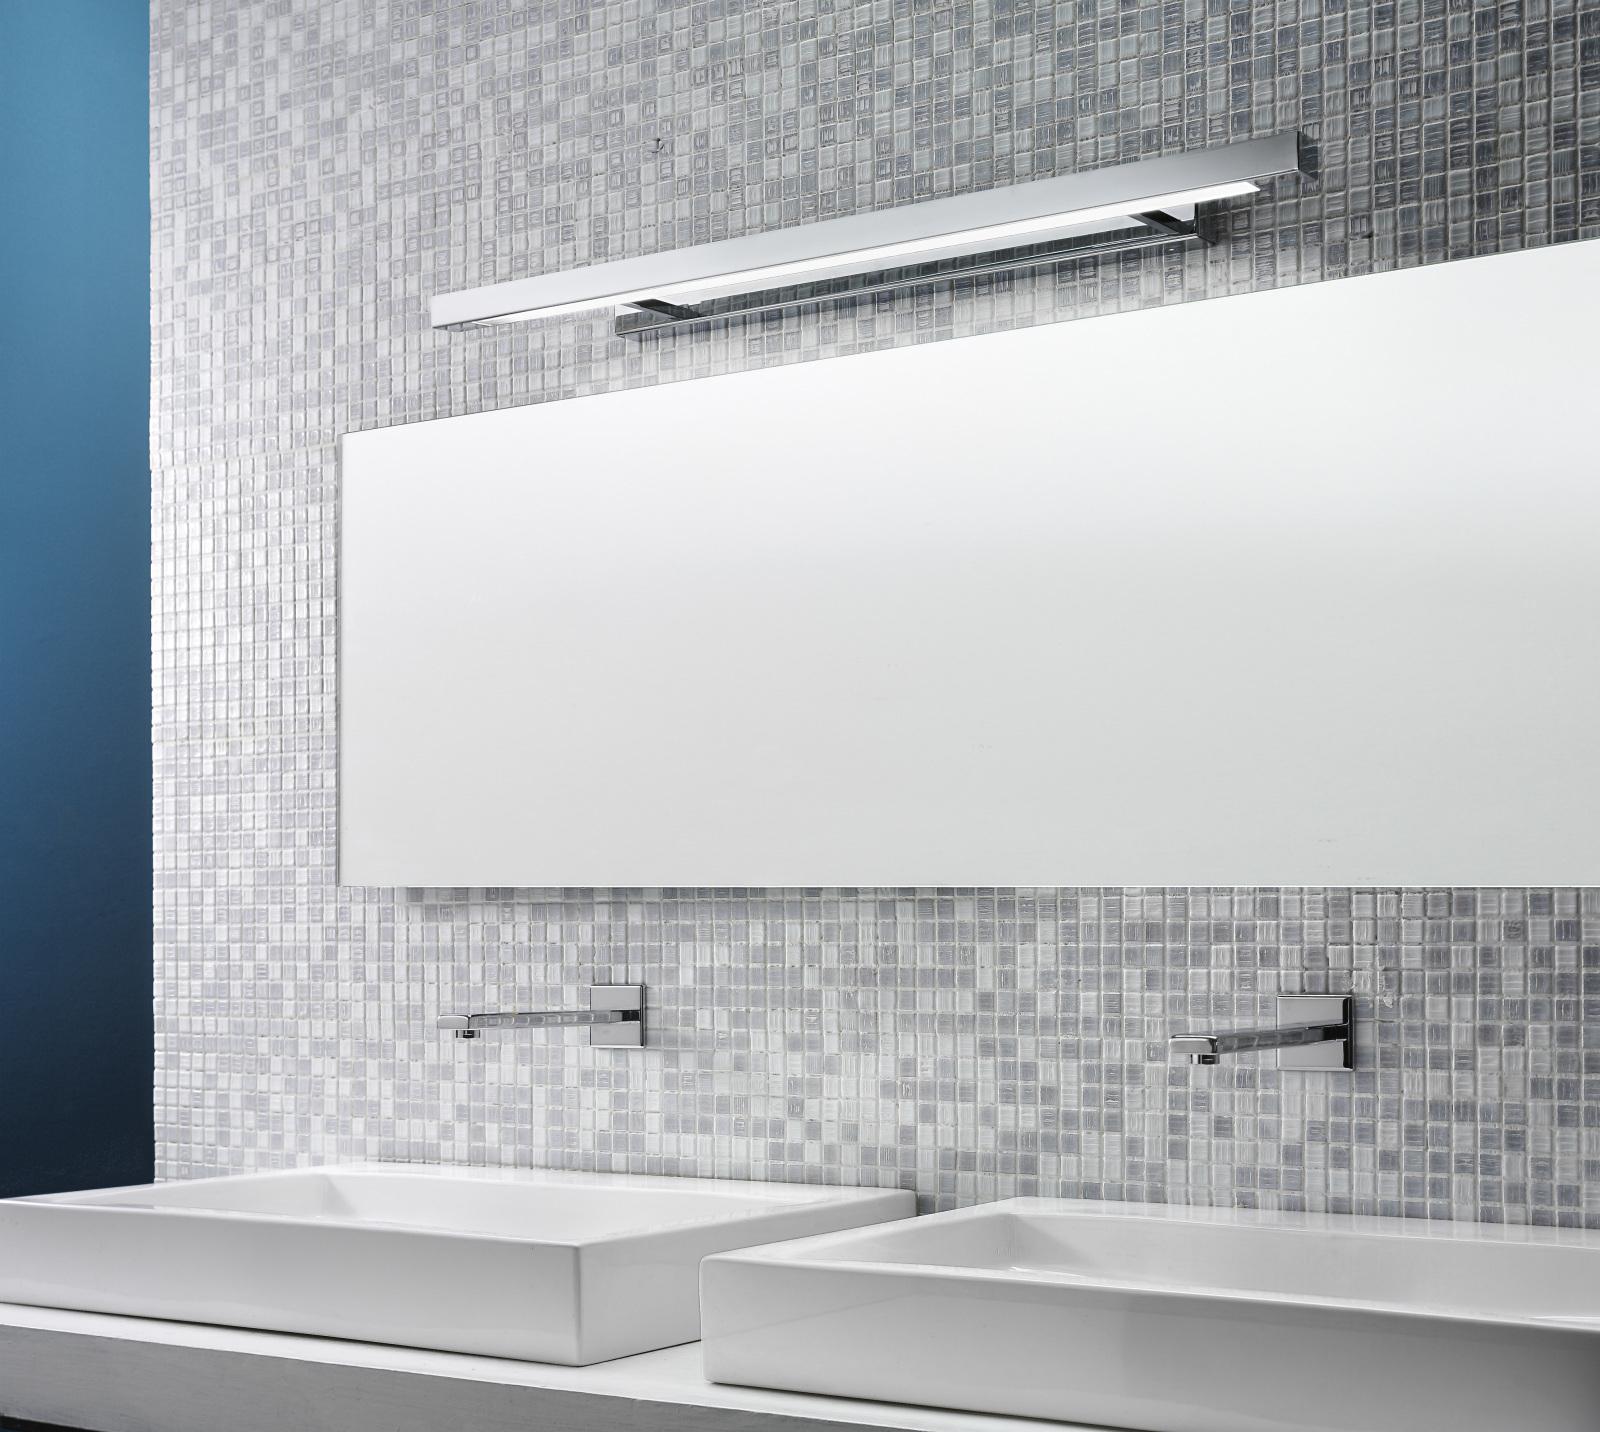 Specchio Grande Da Bagno.Applique Per Grande Specchio Da Bagno 39w 2700k 92cm Design